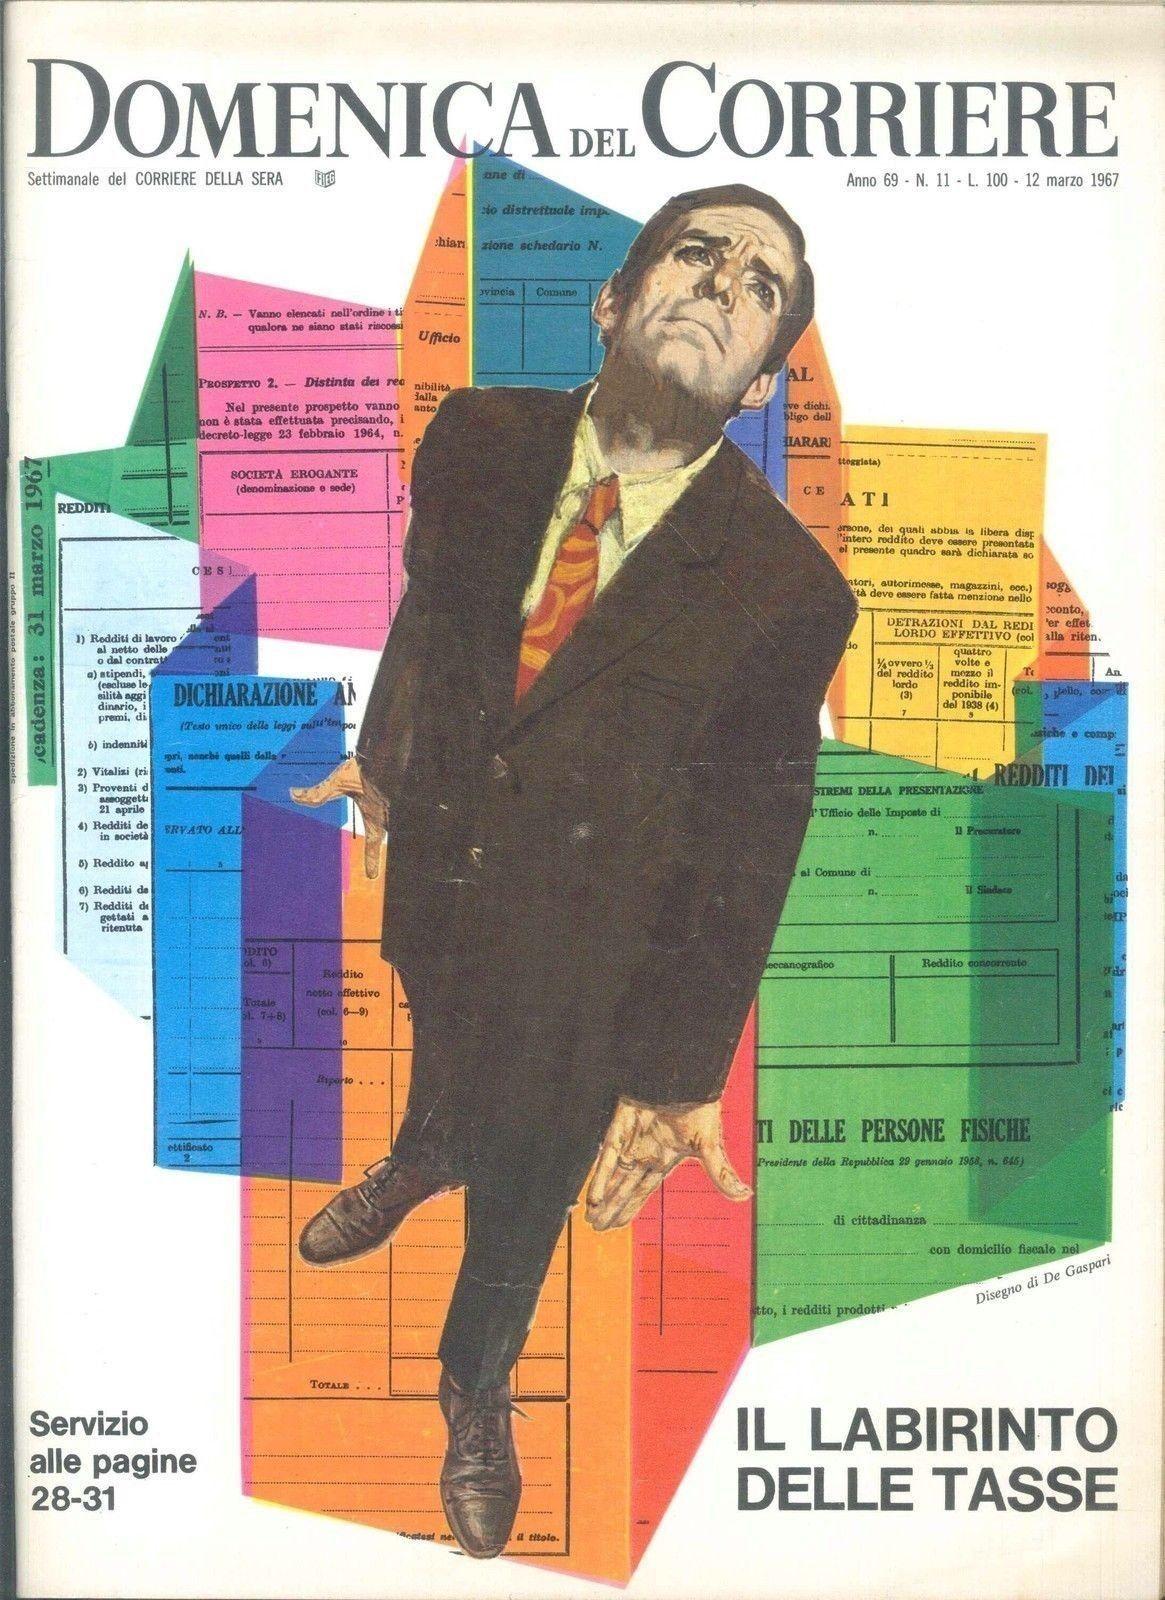 DOMENICA DEL CORRIERE N° 11 - 12 MARZO 1967